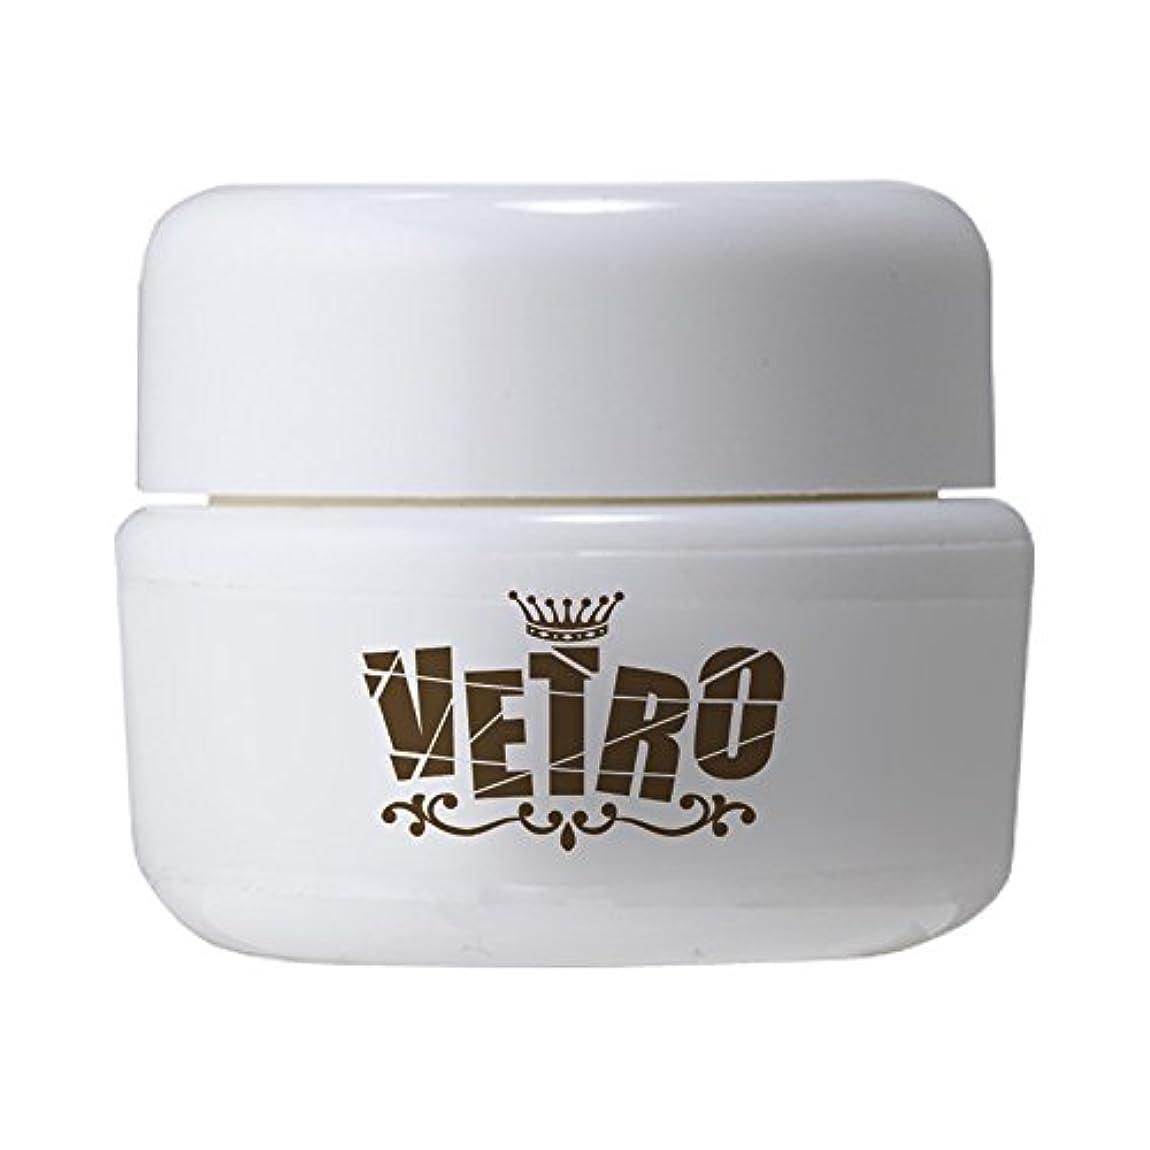 仮装取り替える証拠VETRO No.19 カラージェル シアー VL287 スタジオ No287 4ml